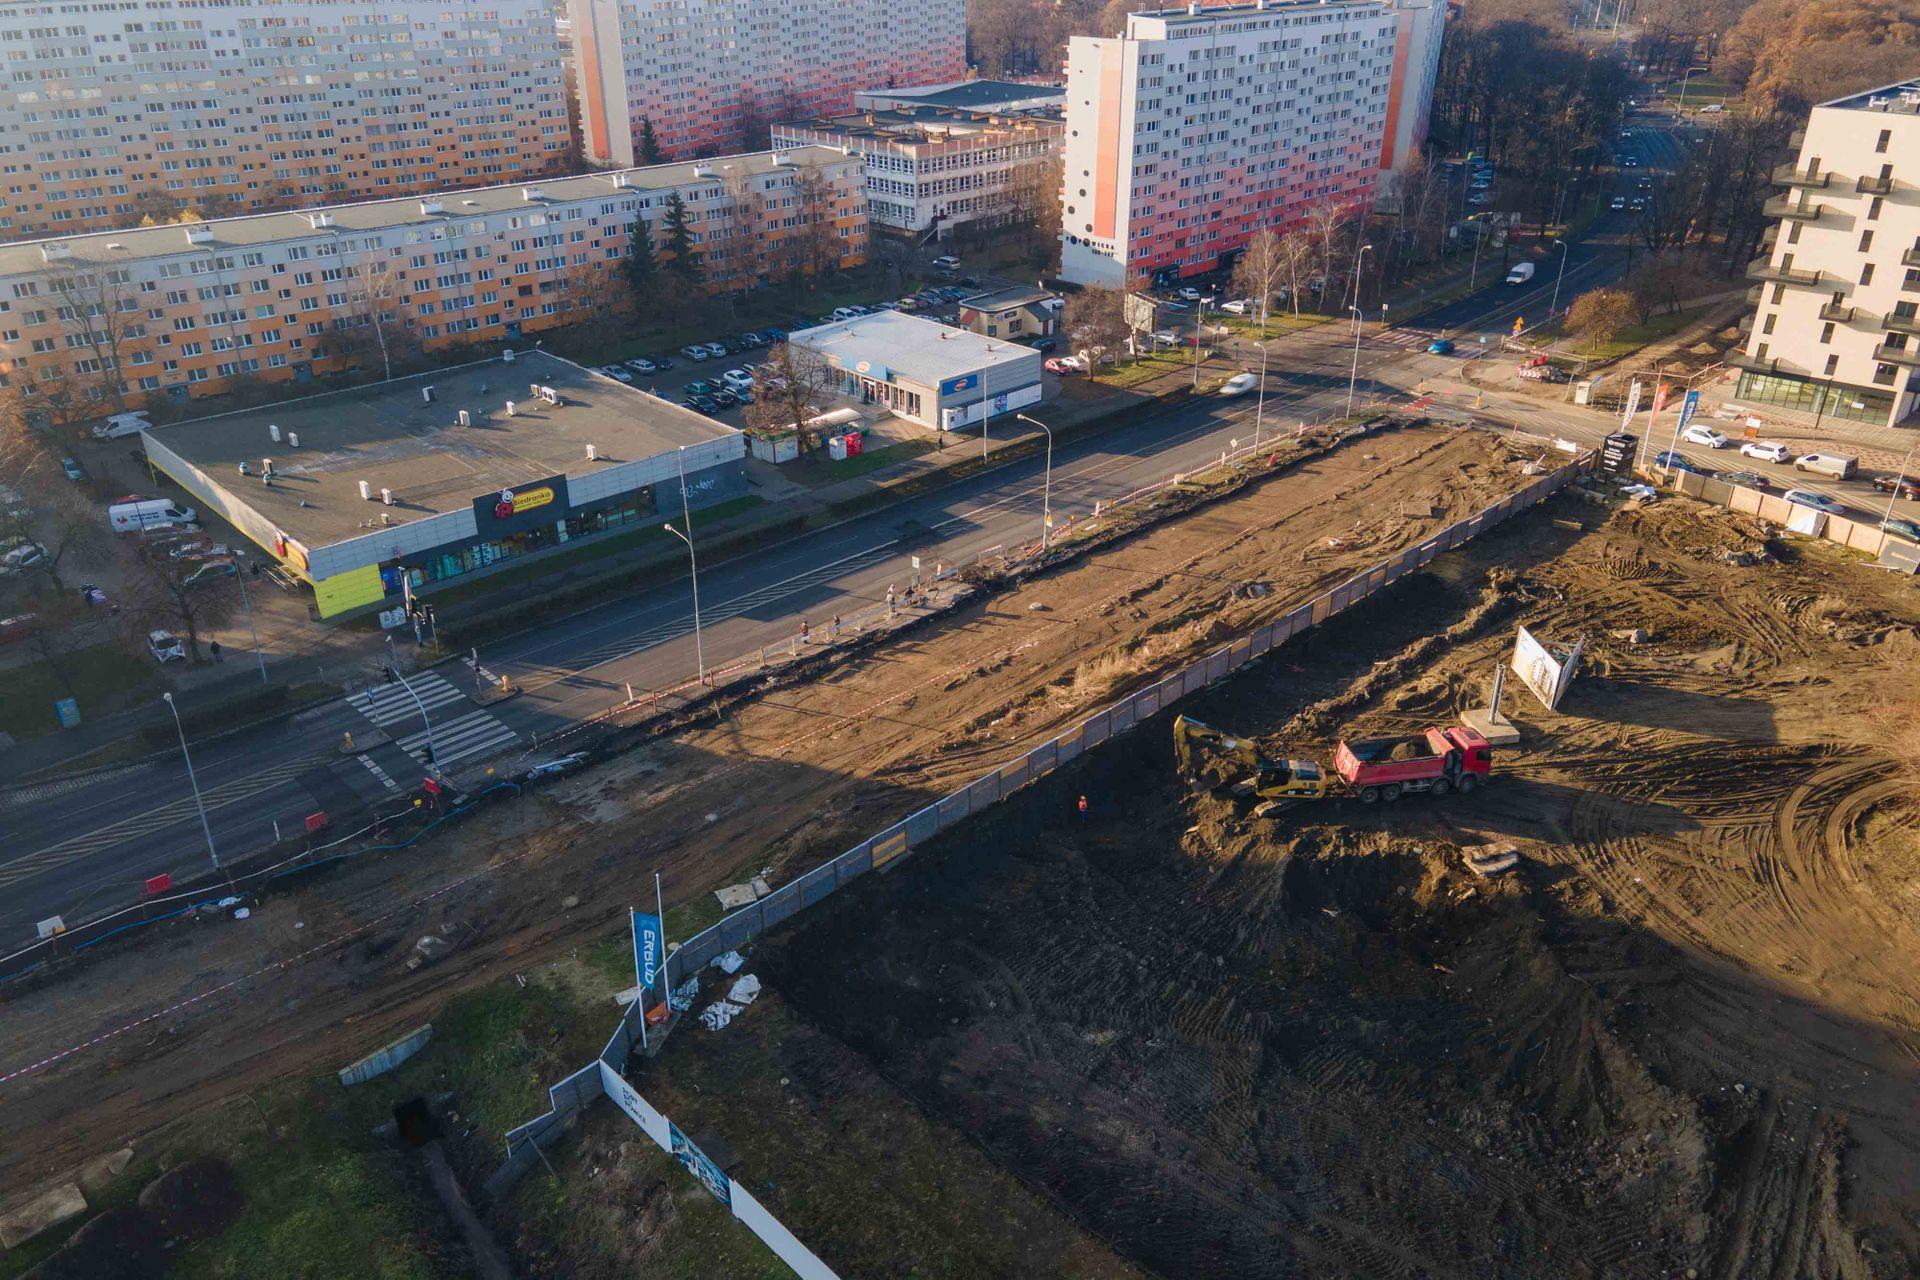 Trwa budowa nowej trasy tramwajowej przez Popowice [FILM + ZDJĘCIA]